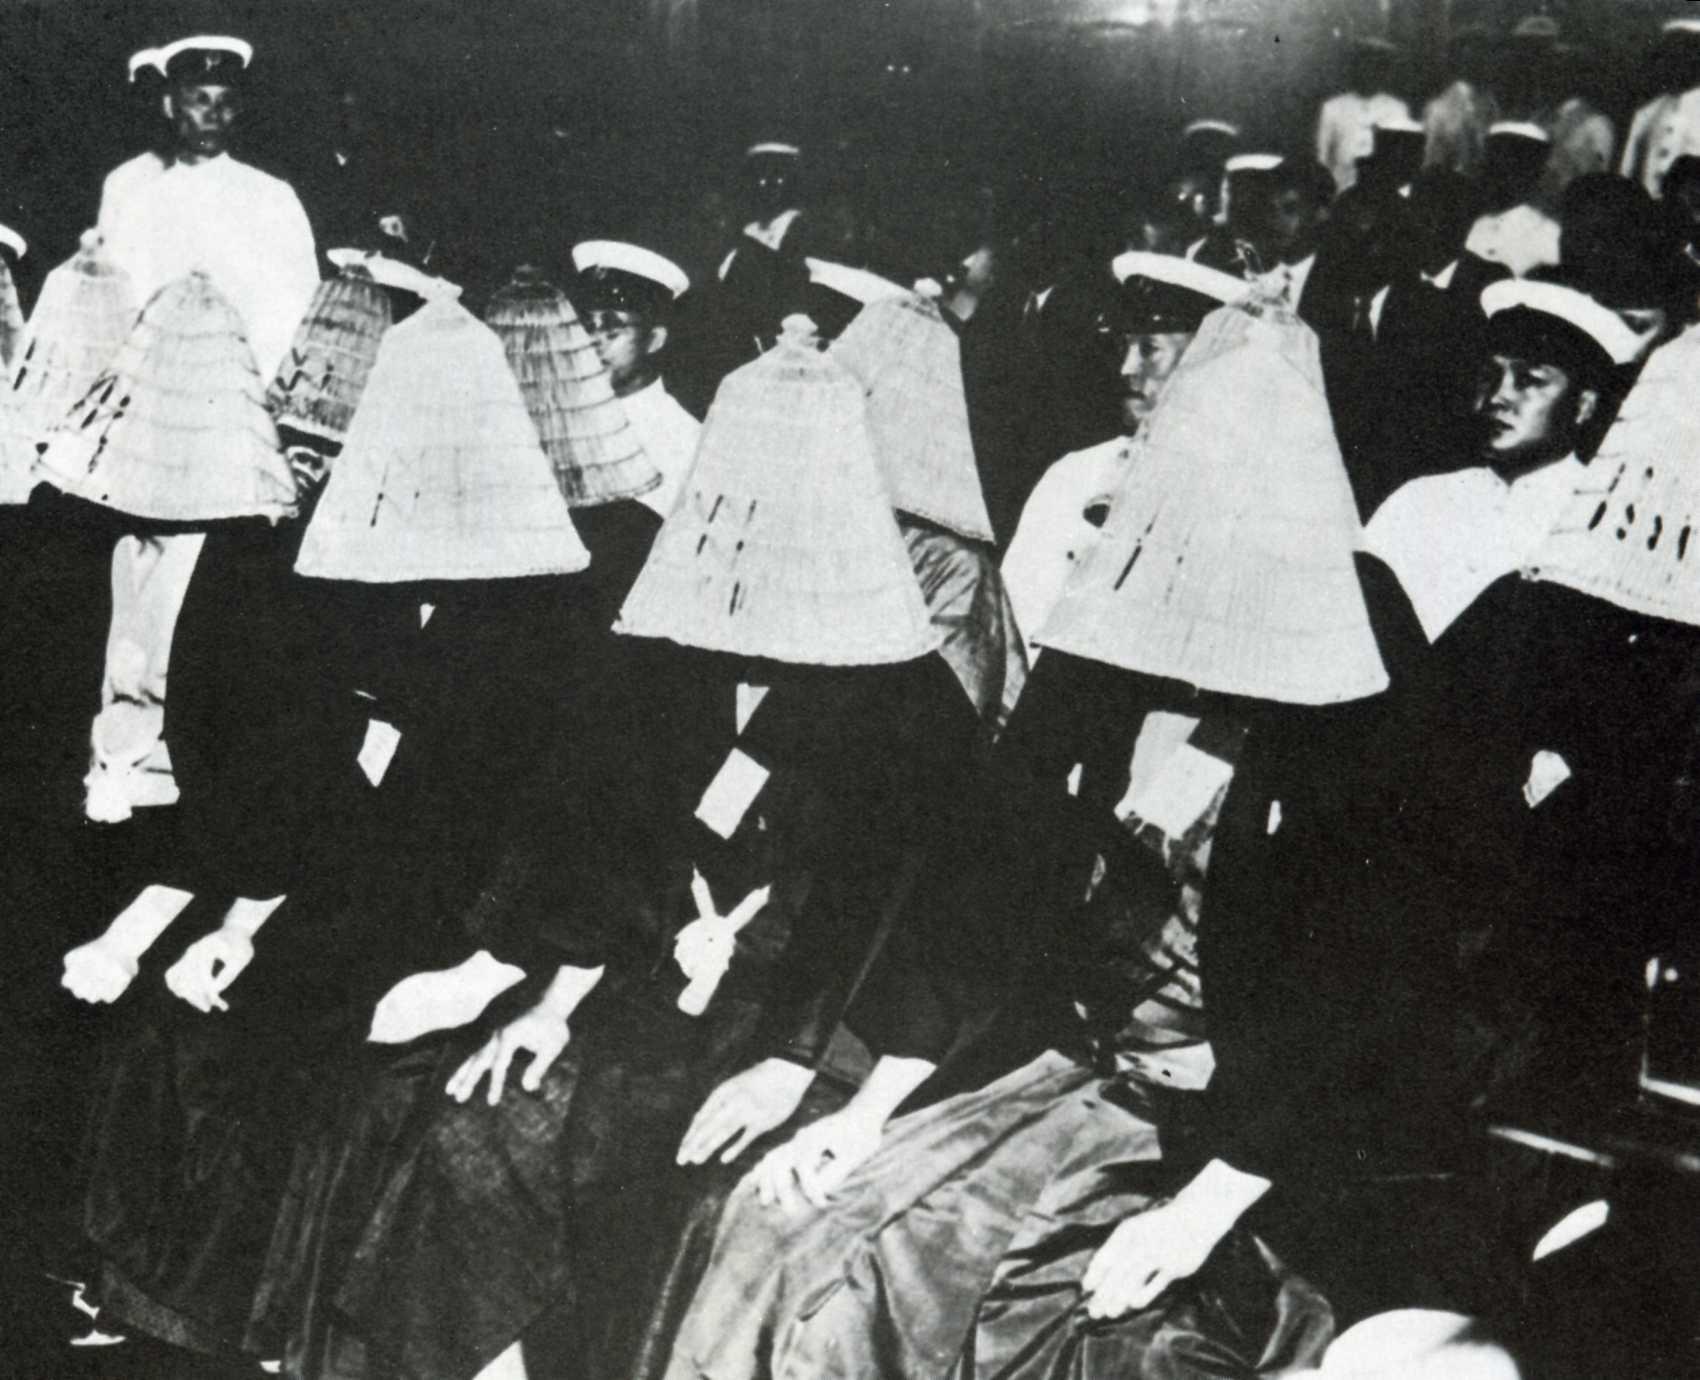 三・一五事件-治安維持法に基づく日本共産党員の検挙-